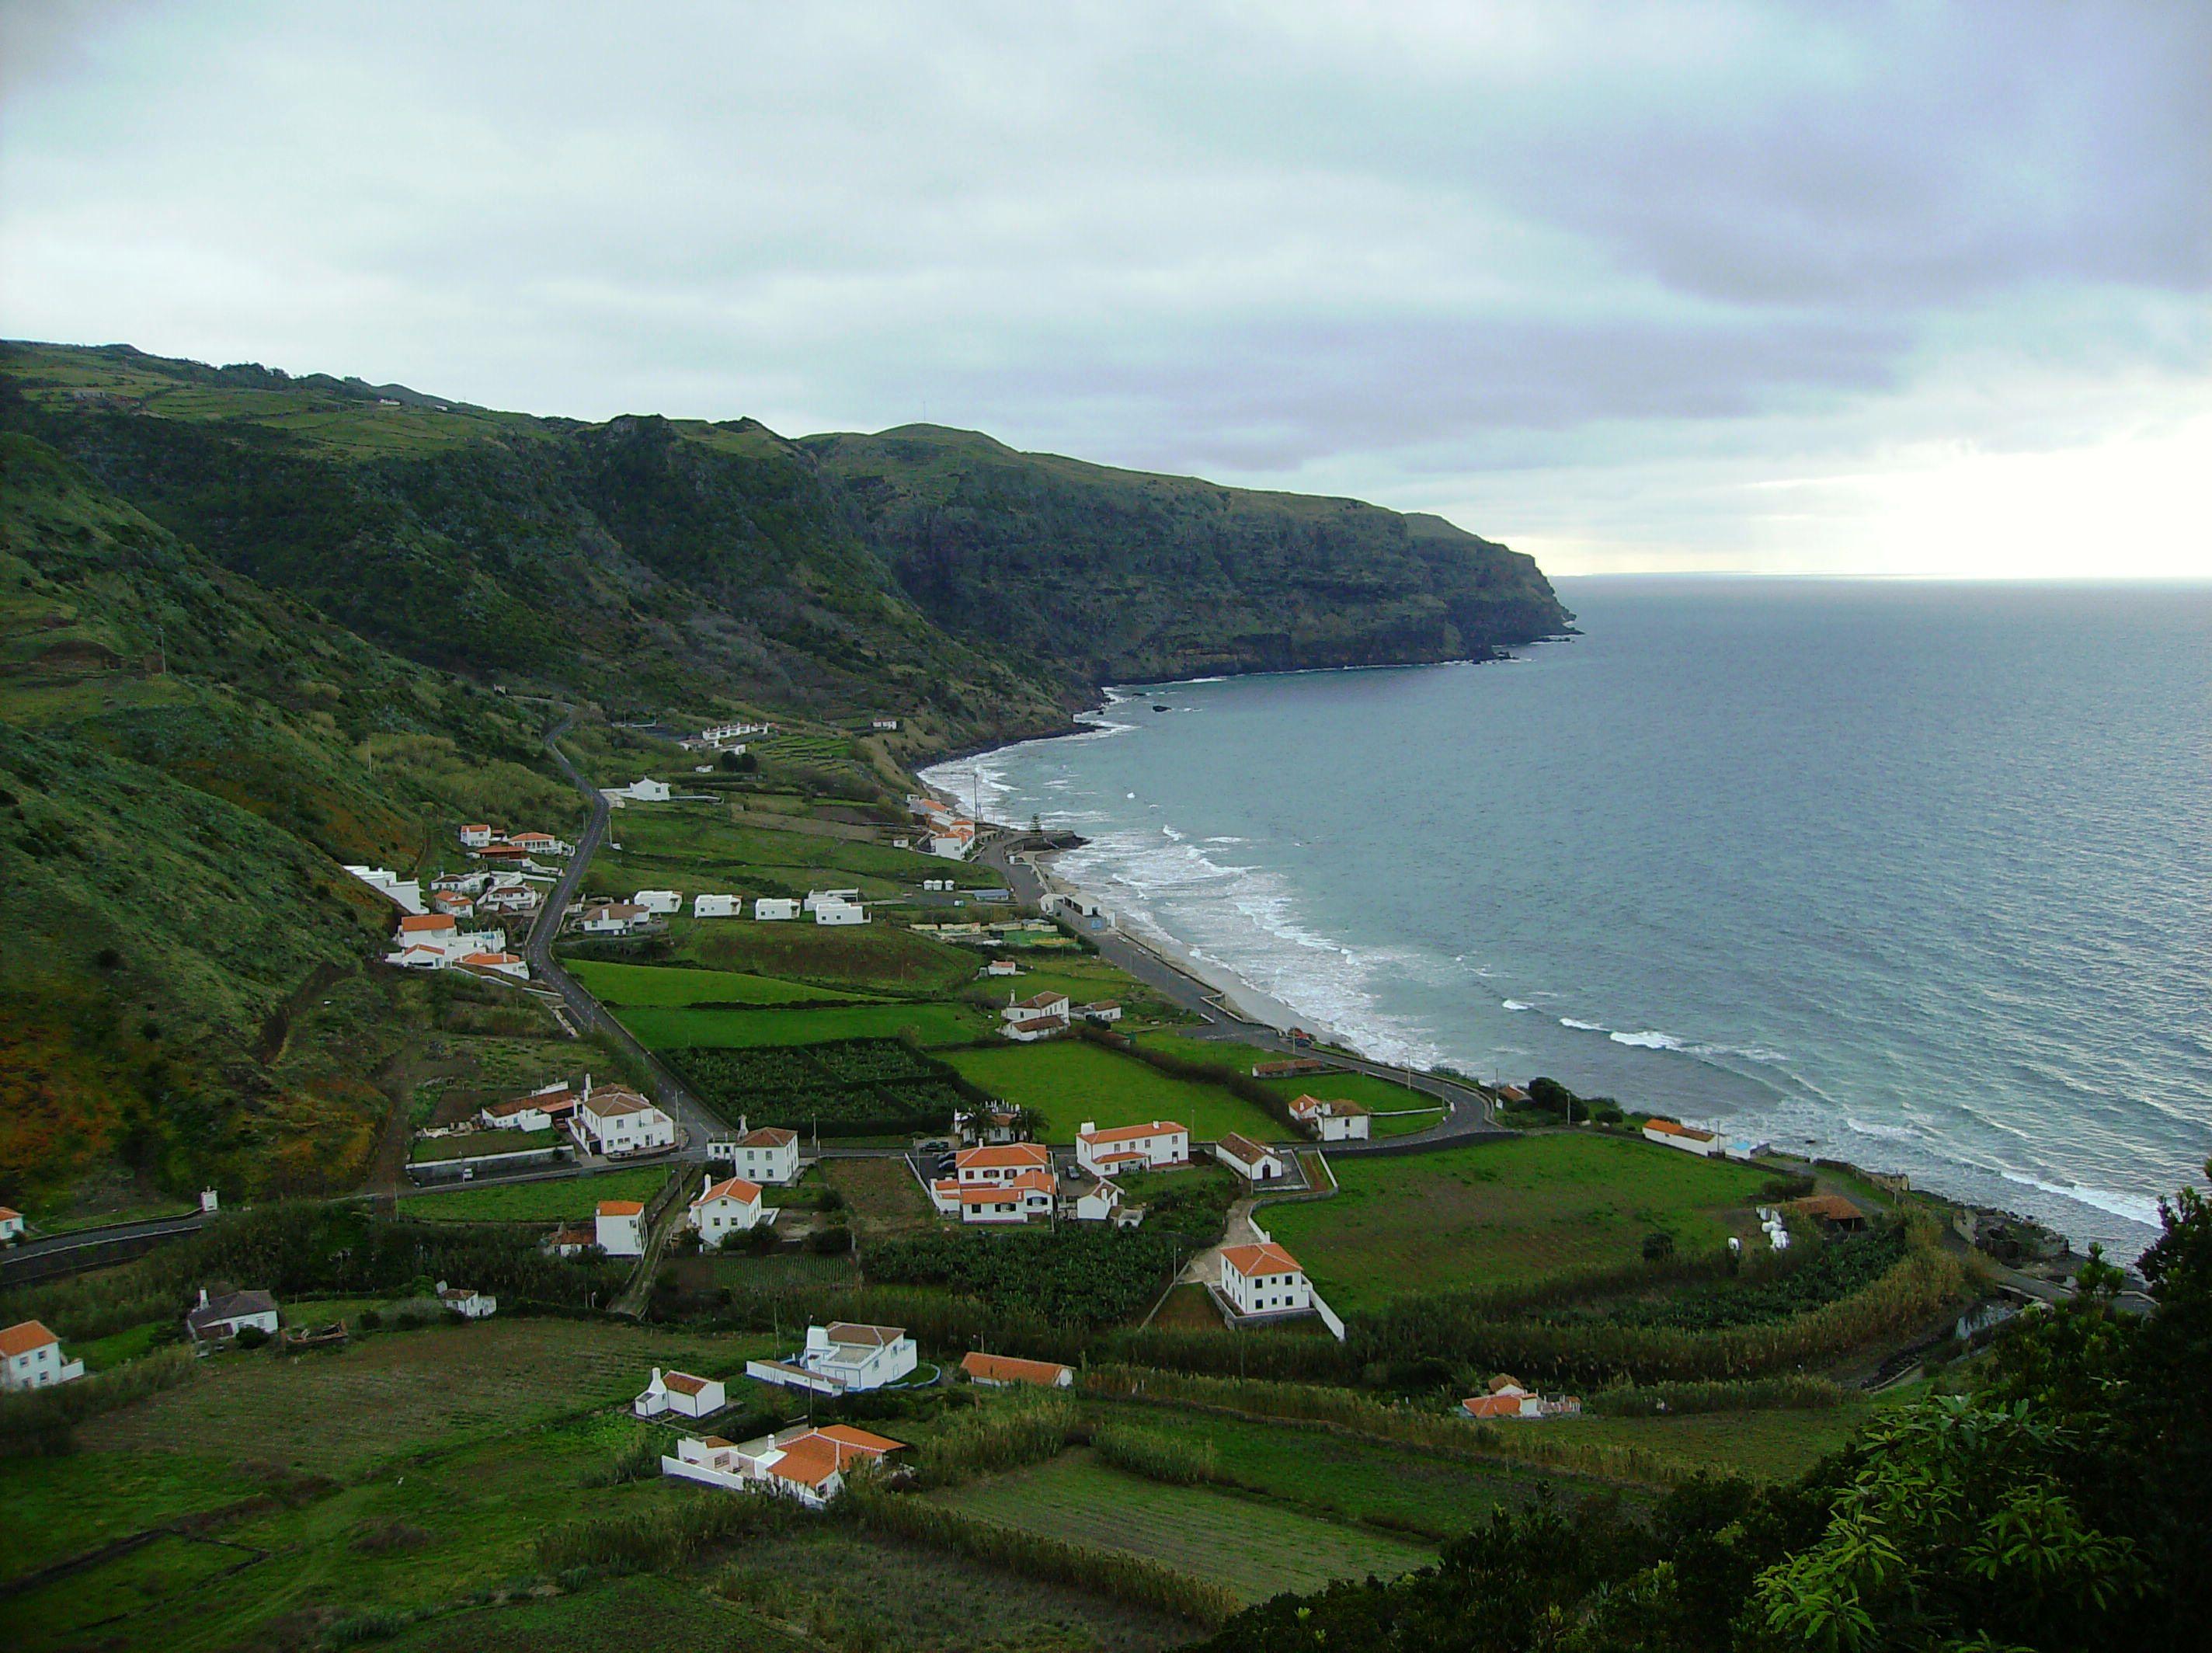 St. Maria, Azoren